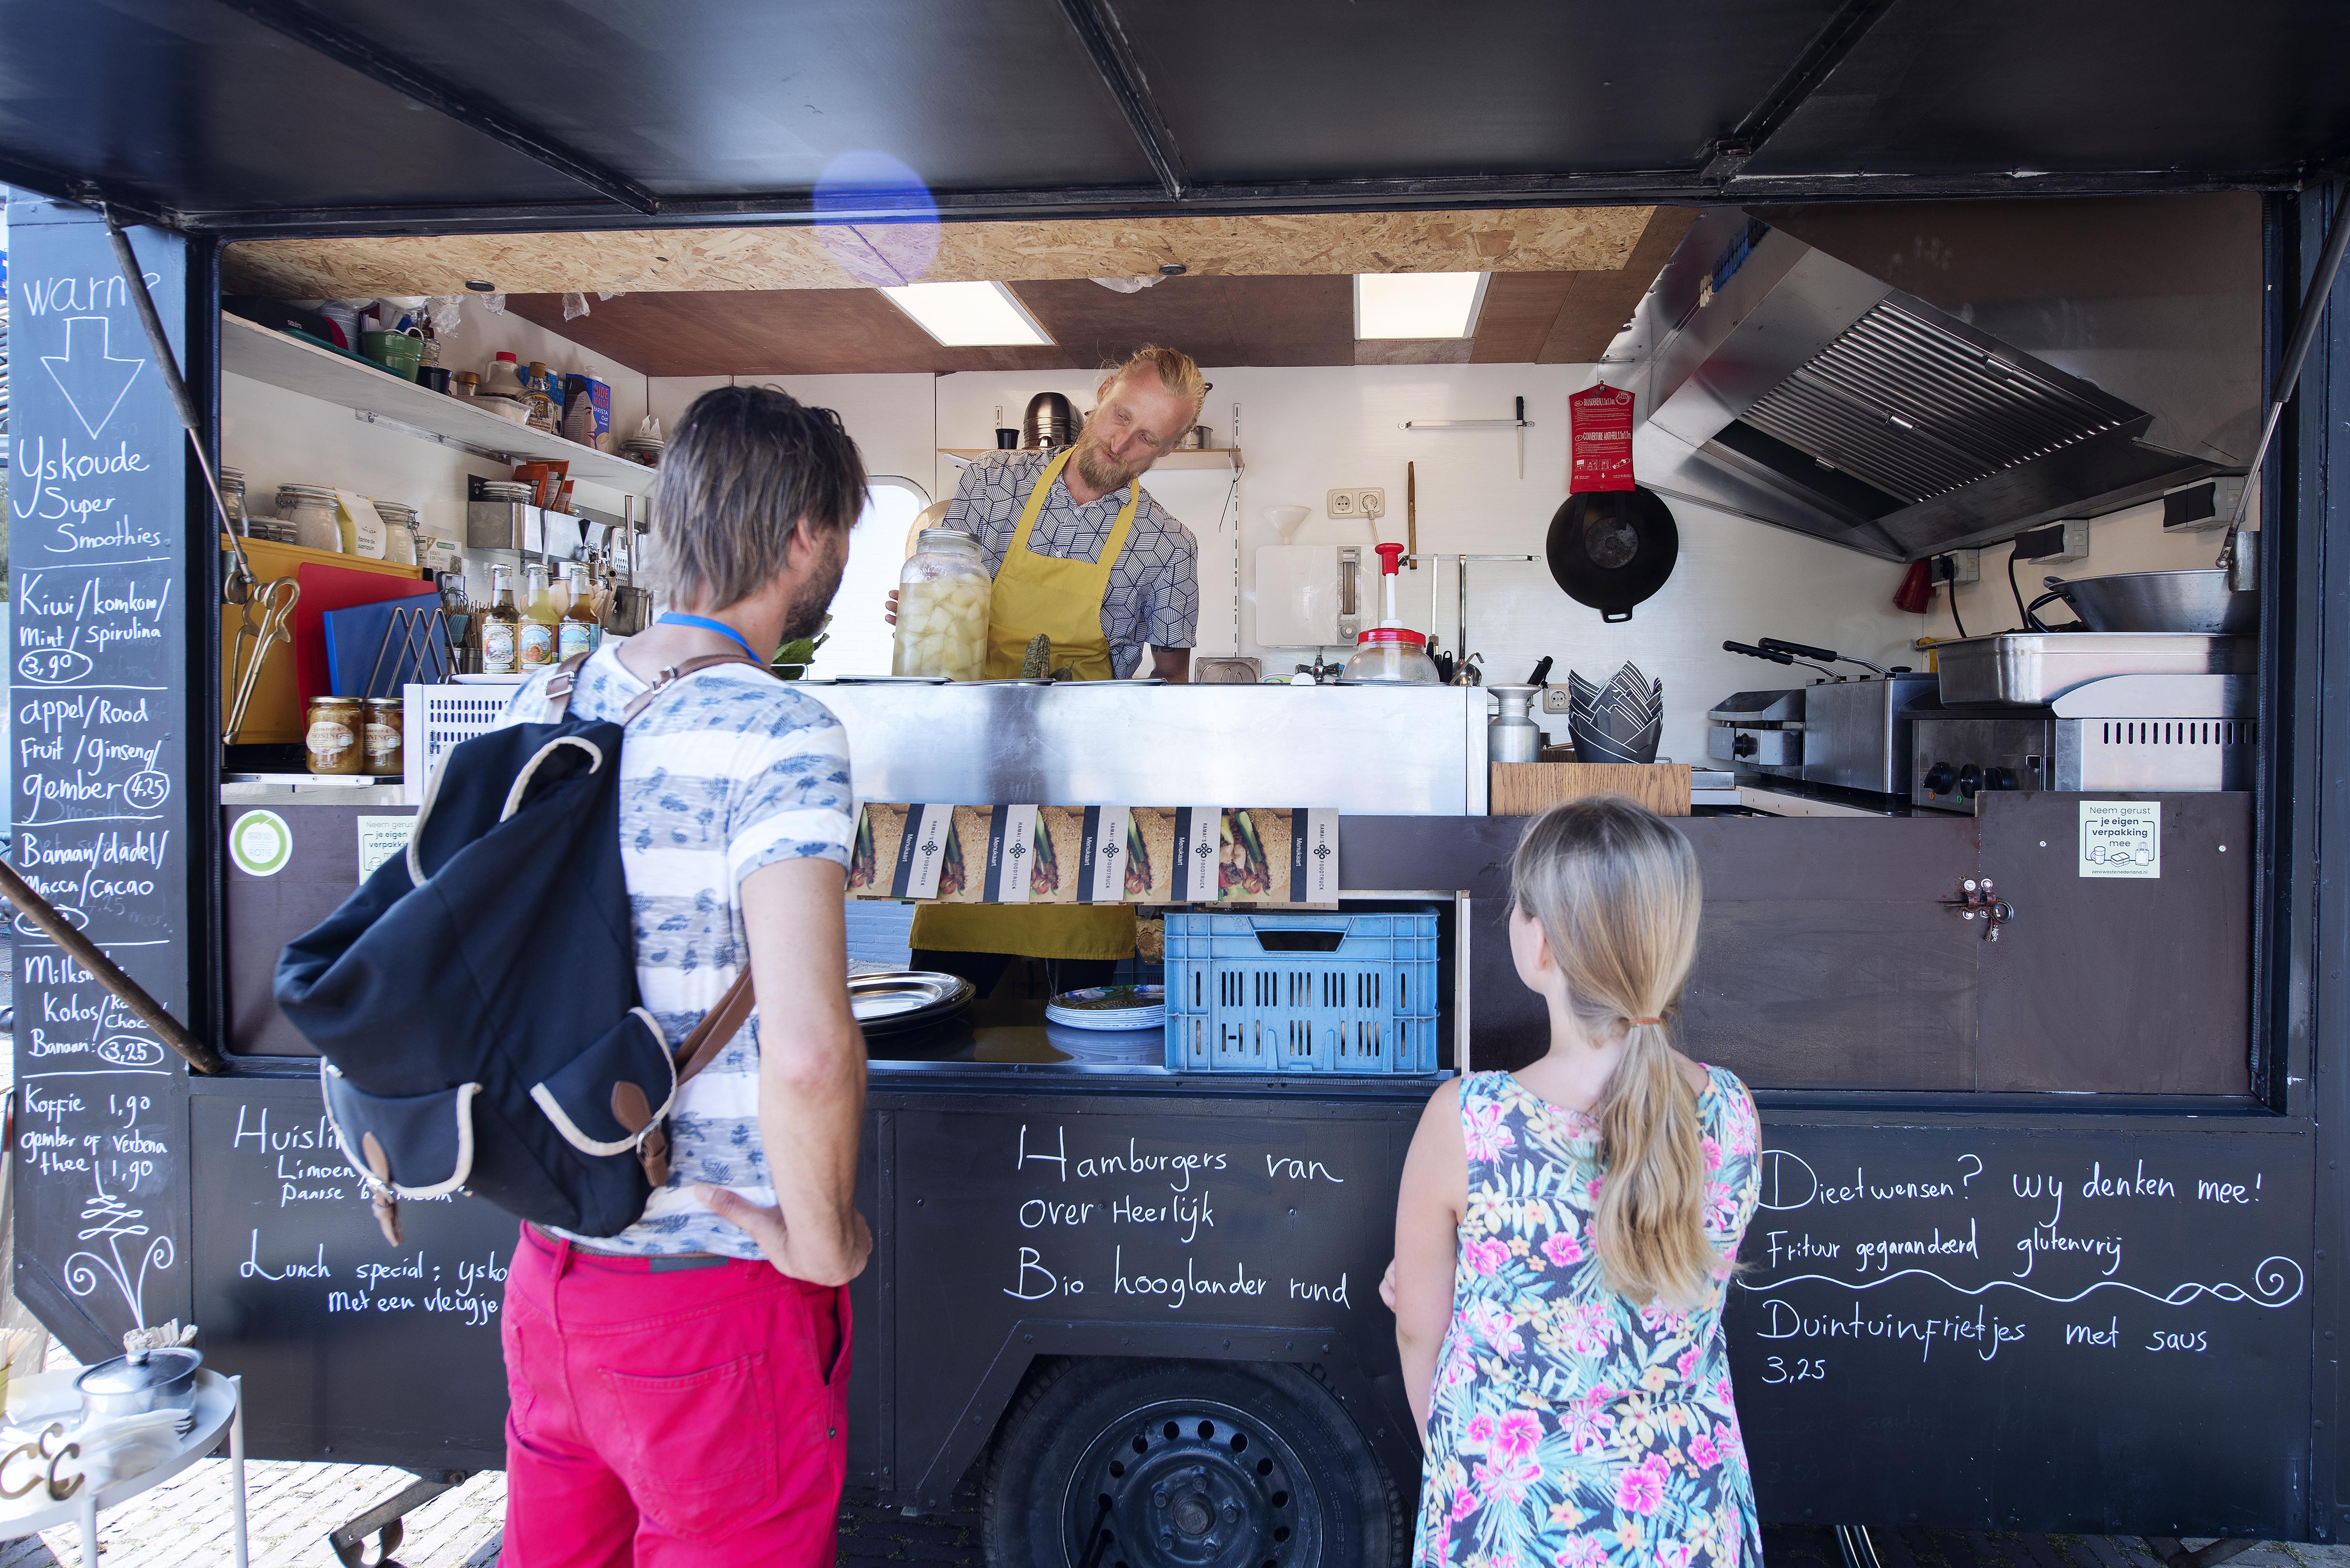 Handgesneden rode kool of de biologische Duingrazerburger, het eten van Ramai's Foodtruck in Castricum is anders dan de doorsnee snack